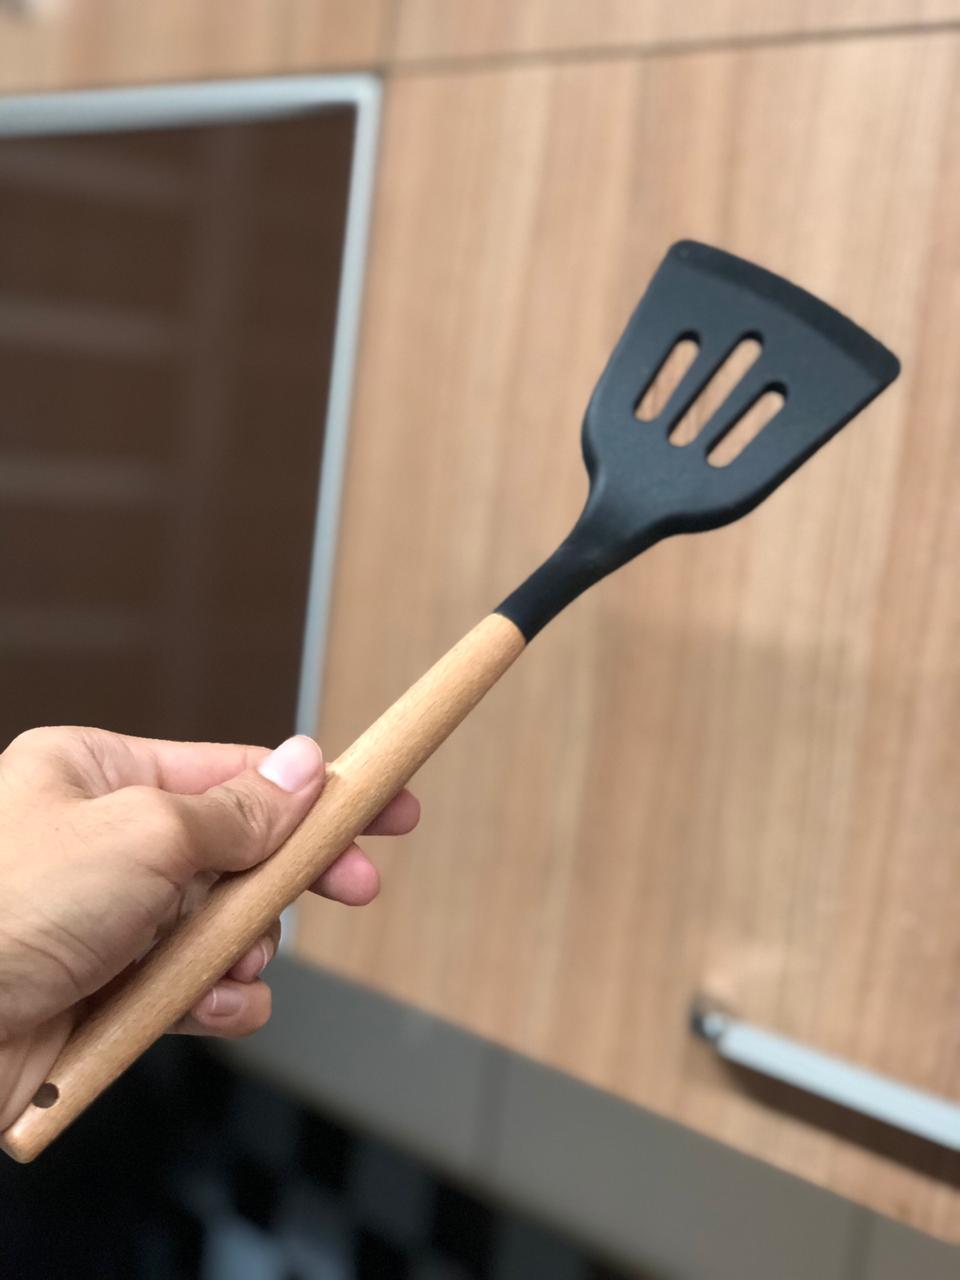 Utensílios de cozinha preto kit 5 unidades silicone e madeira colher concha espatula